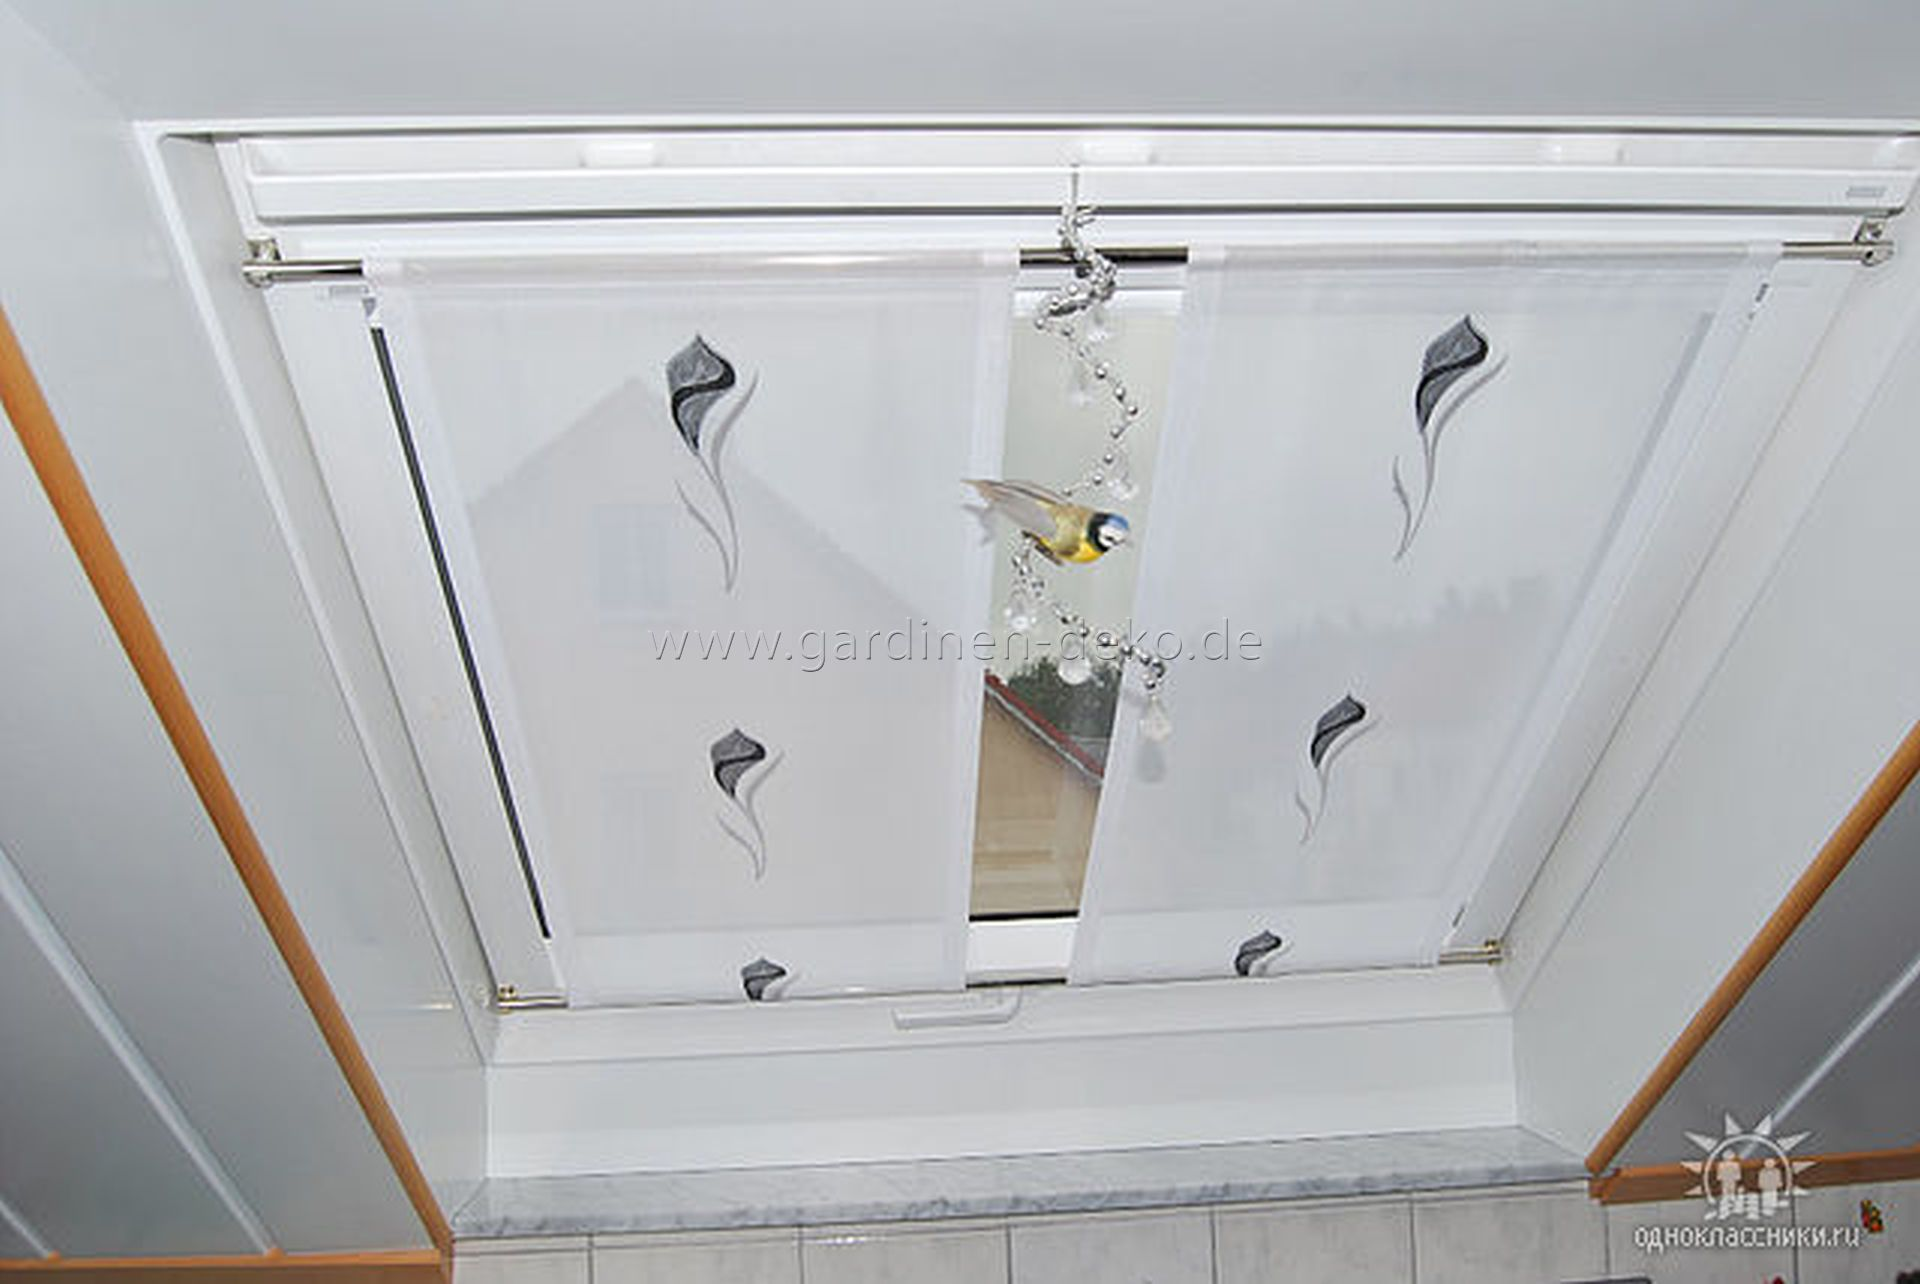 Gardinen Für Dachschrä heller statischer vorhang für dachschrä mit blumenmuster http